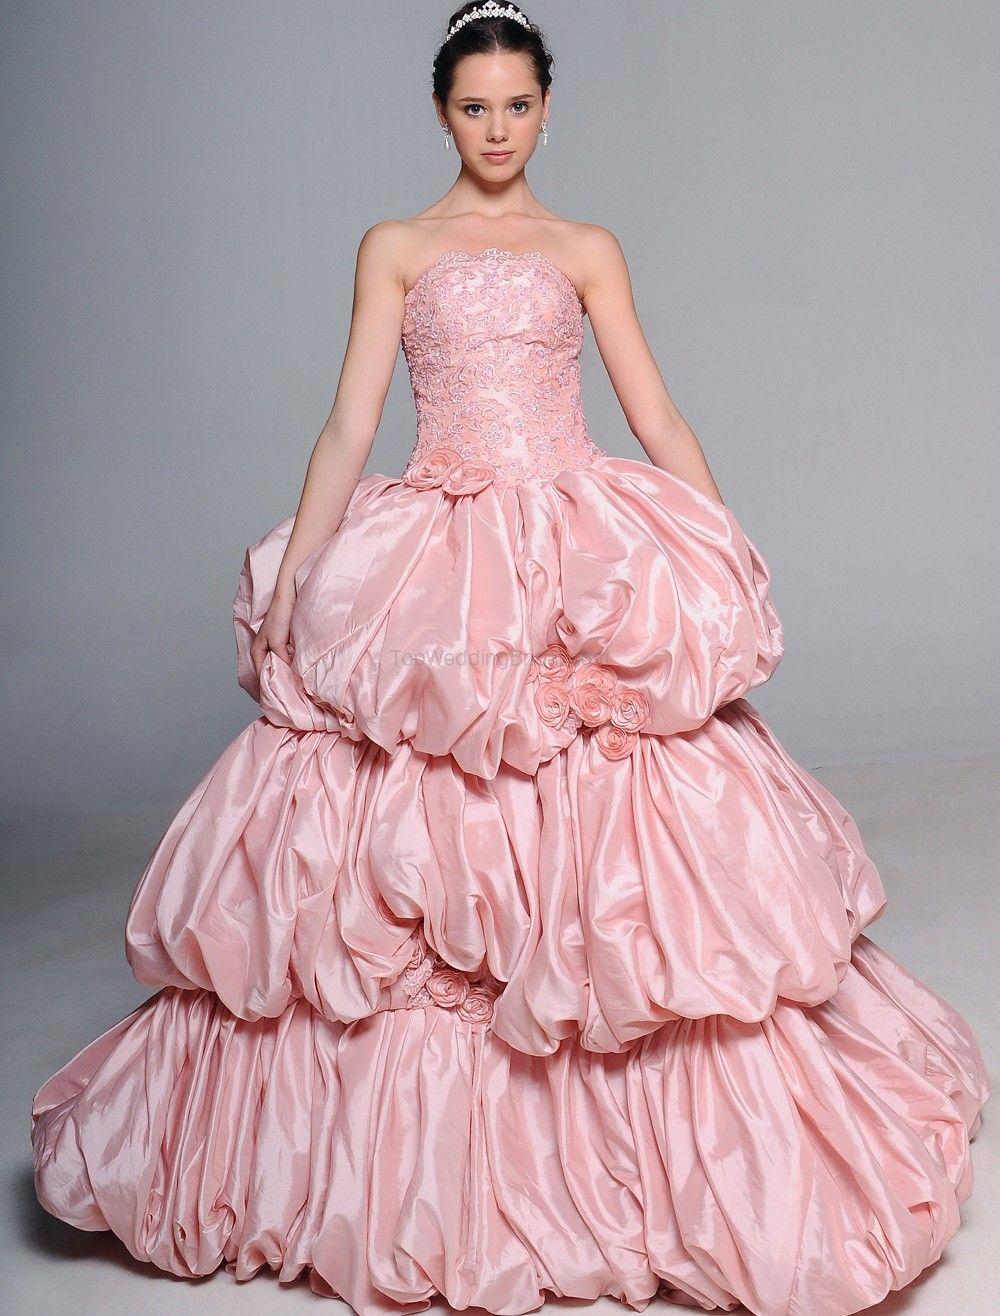 pink wedding gowns 2012 | encajes romanticos | Pinterest | Encaje ...